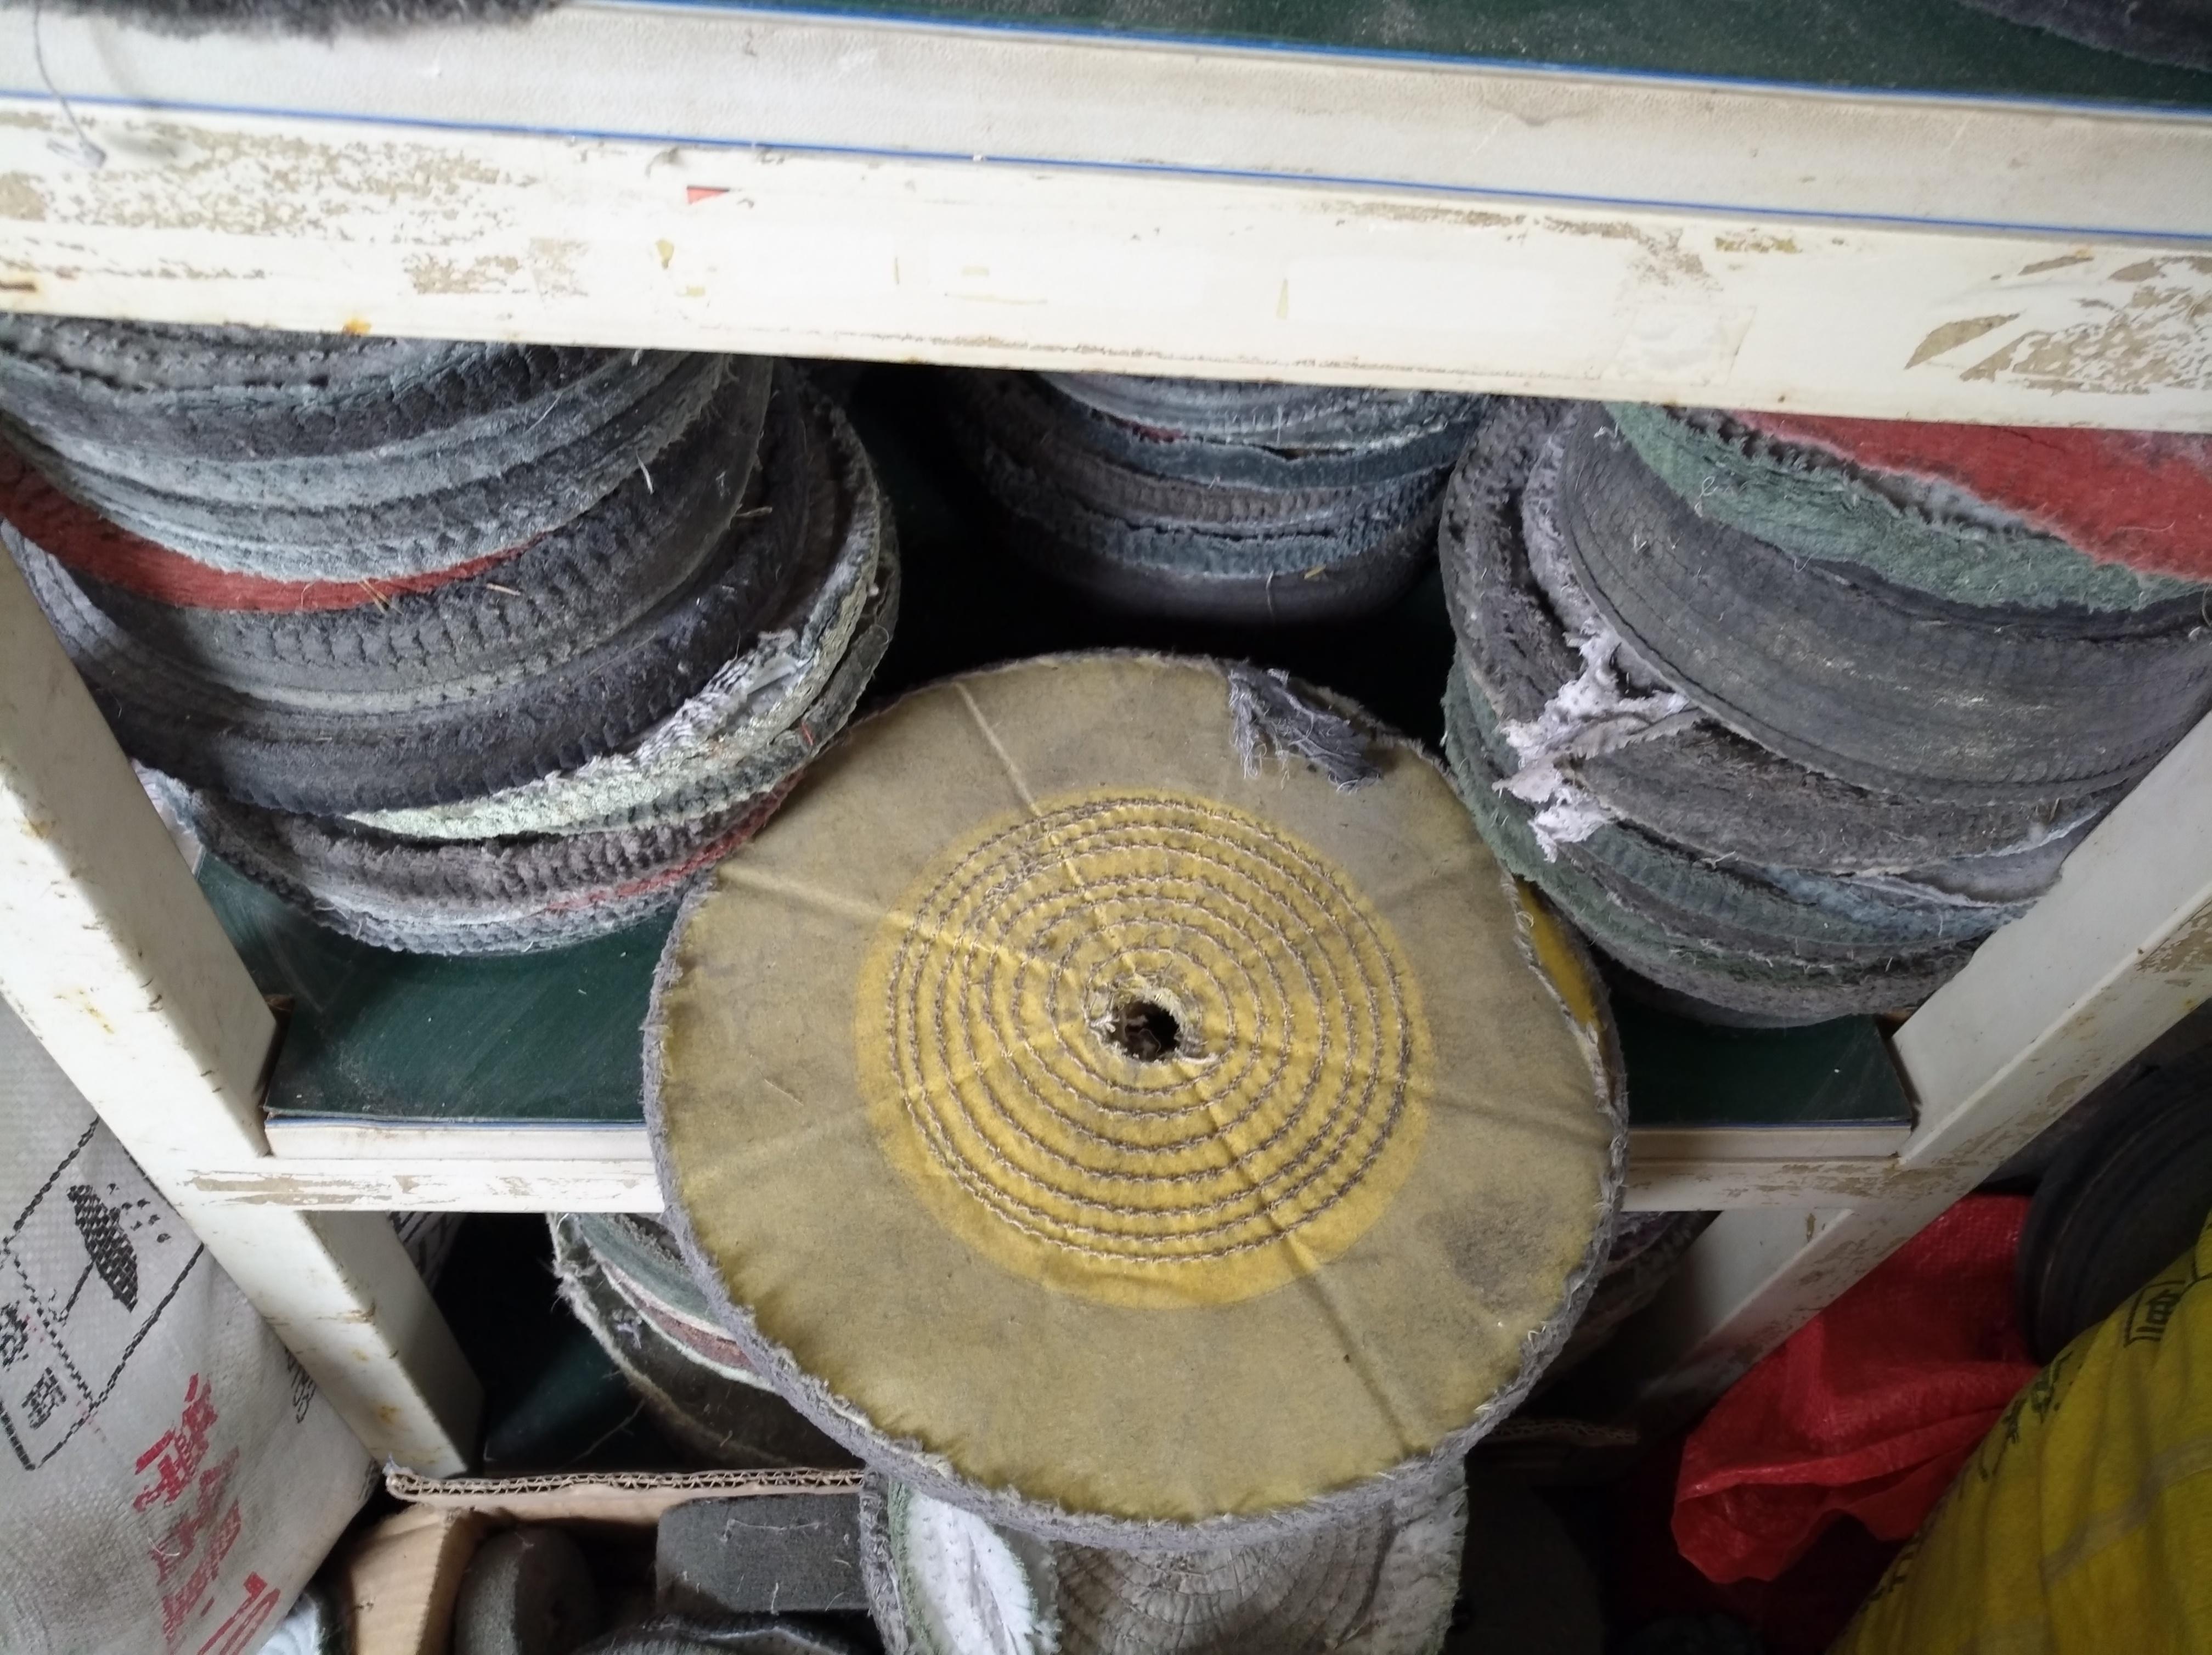 深圳回收旧轮  宝安旧羊毛价格  深圳回收旧麻轮批发销售